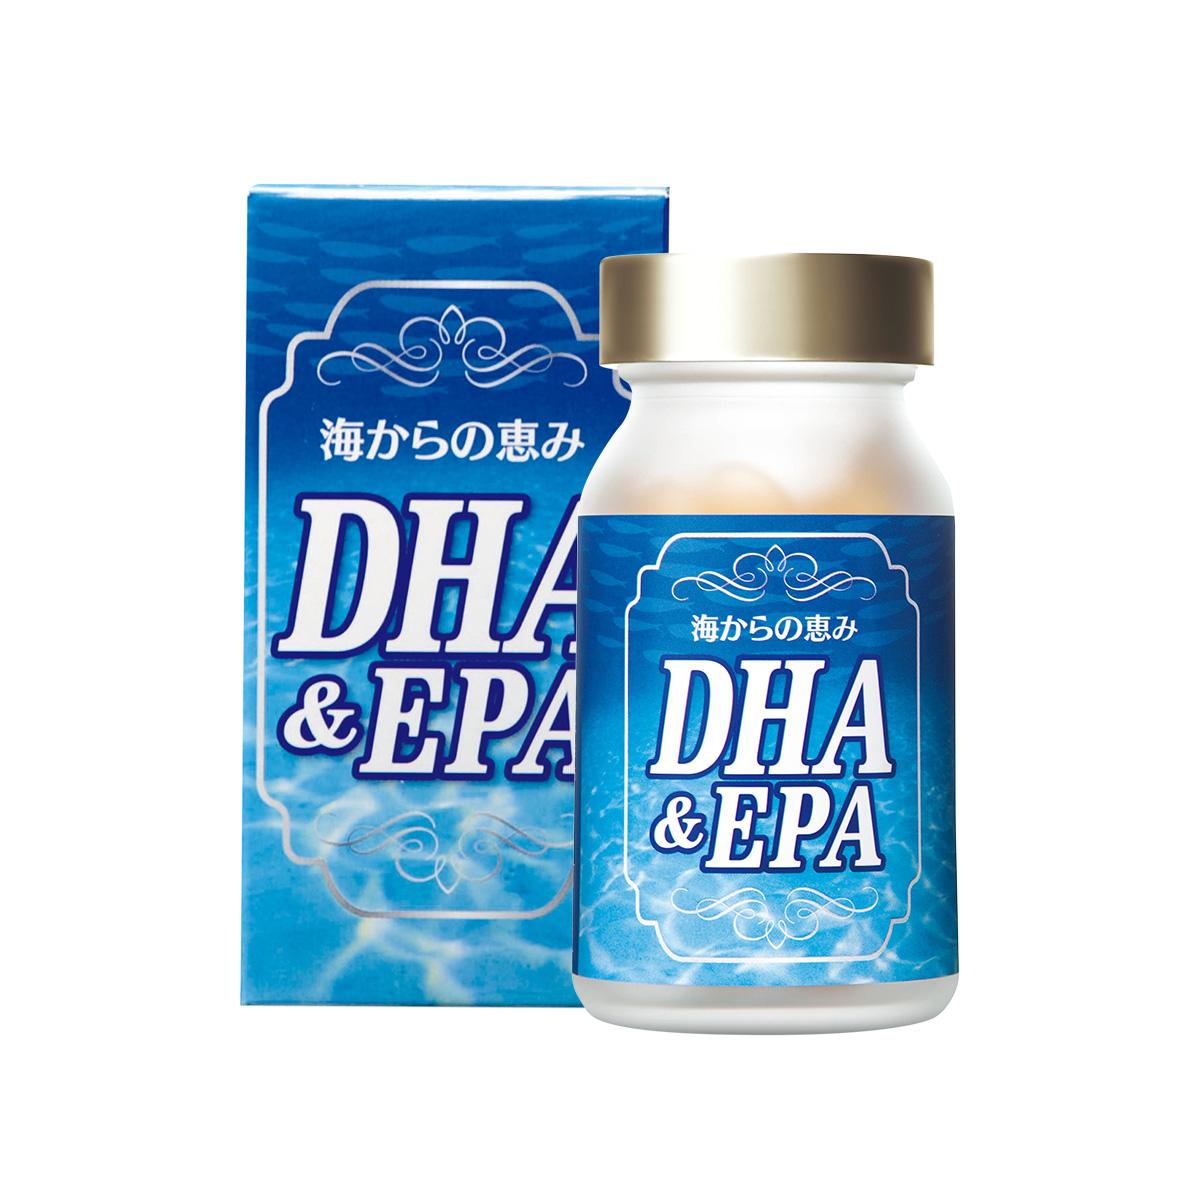 海からの恵み DHA & EPA